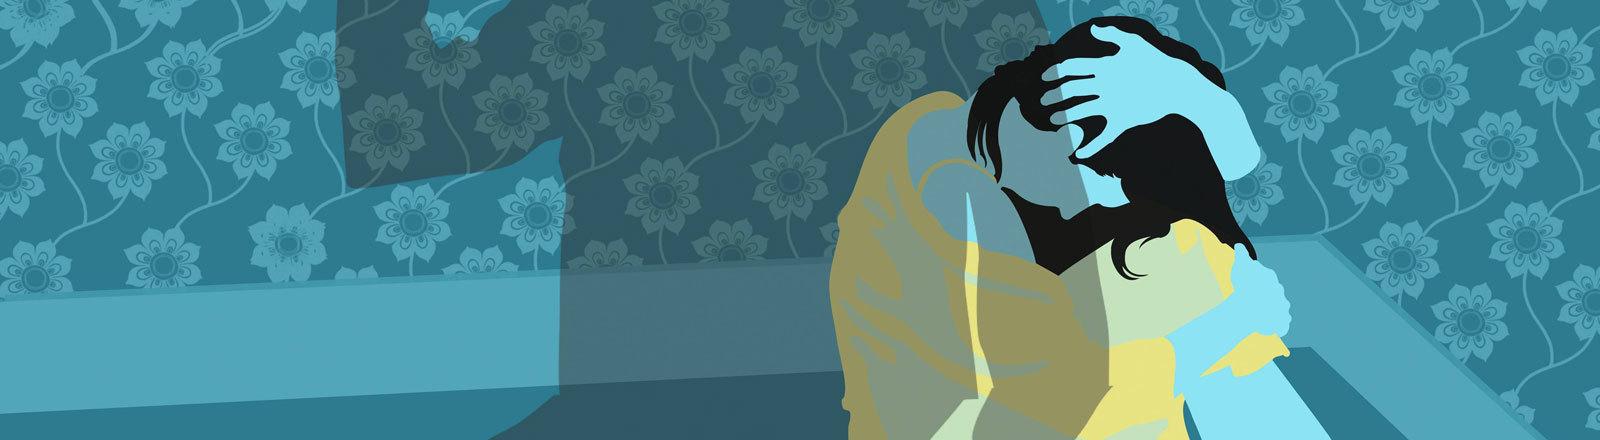 Symbolbild: Gewalt gegen eine Frau, die in der Ecke eines Zimmers kauert.